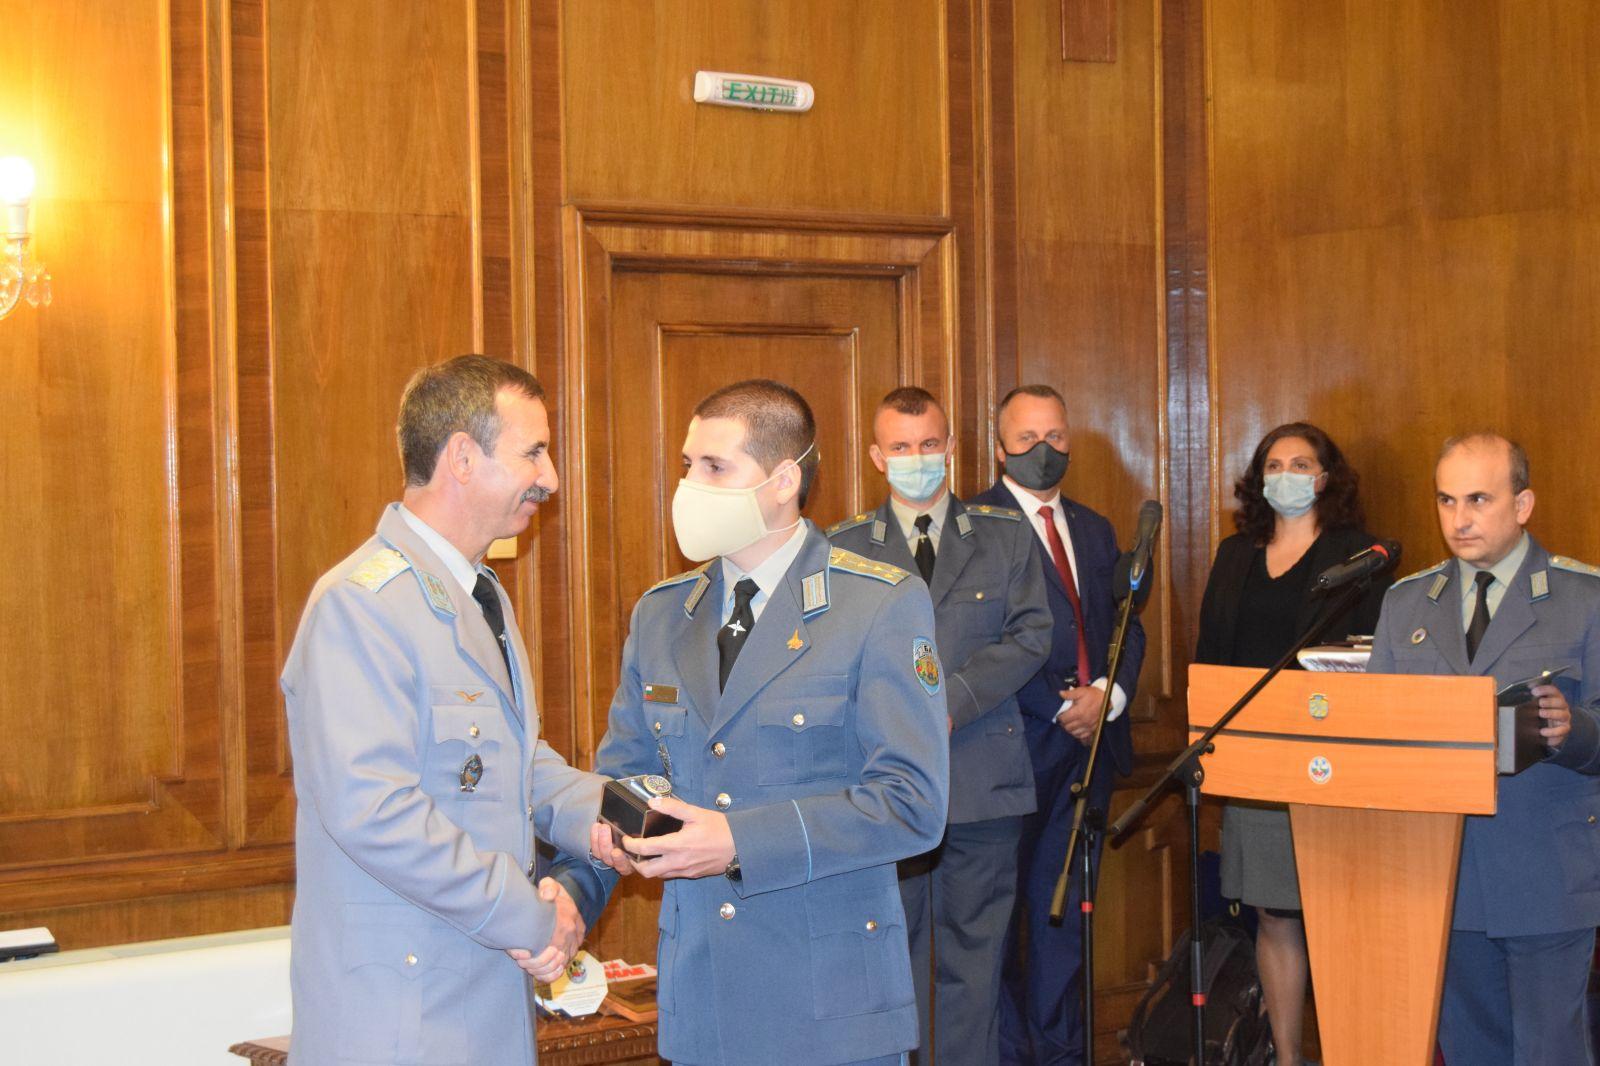 """ГАЛЕРИЯ: Командването на ВВС и българското авиационно списание """"Клуб КРИЛЕ"""" наградиха военонслужещи от ВВС по случай 16 октомври"""